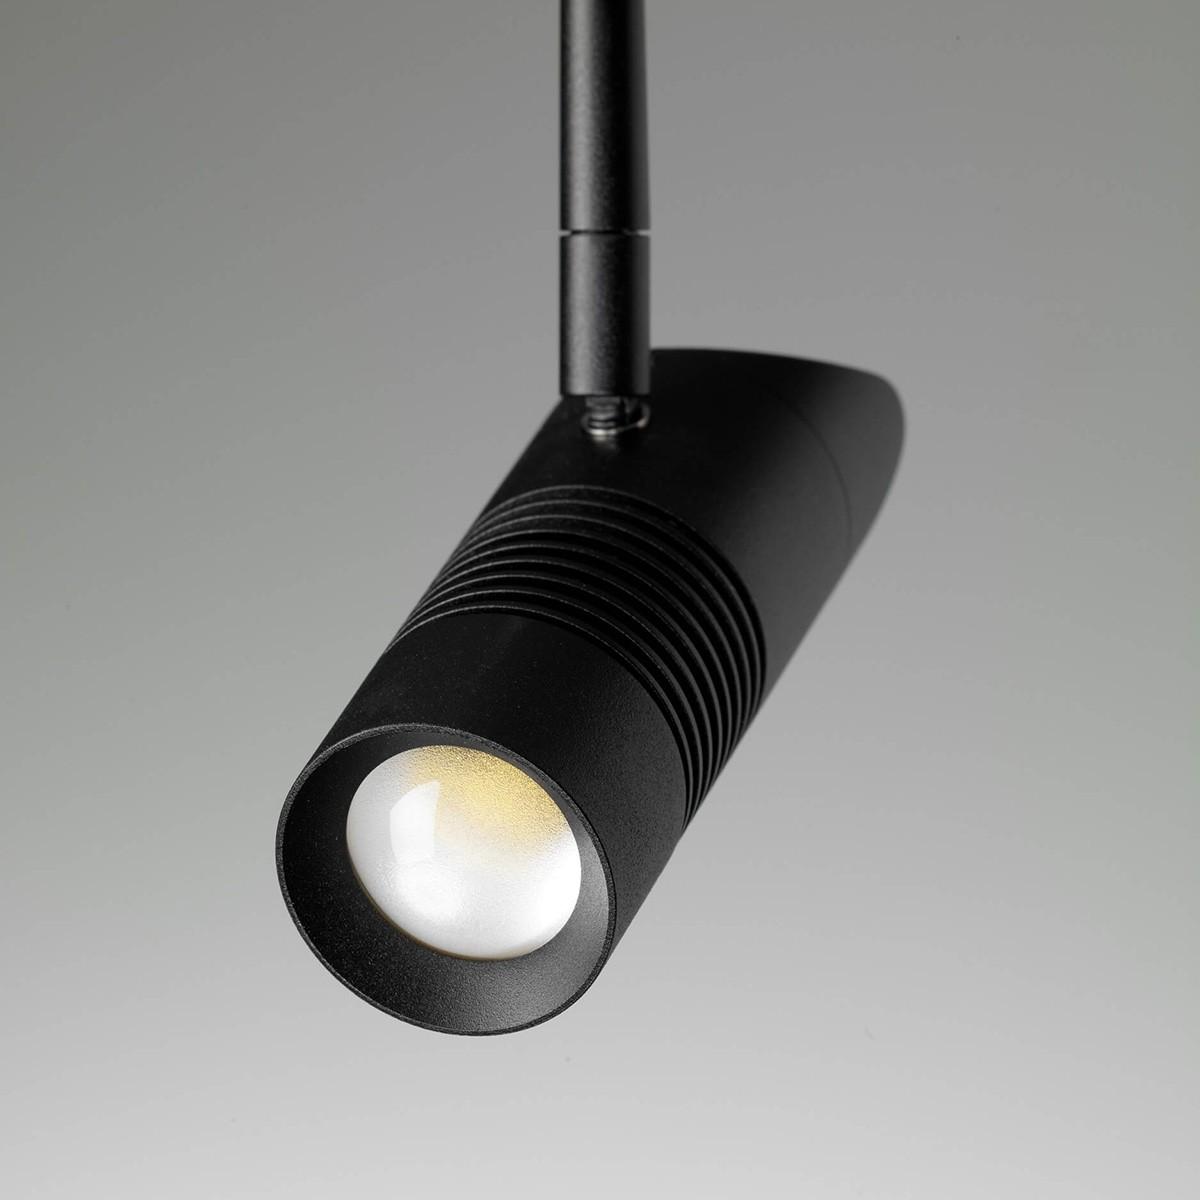 Oligo PHASE A Little Bit More LED Strahler, 2700 K, Stange: schwarz matt, Korpus: schwarz matt